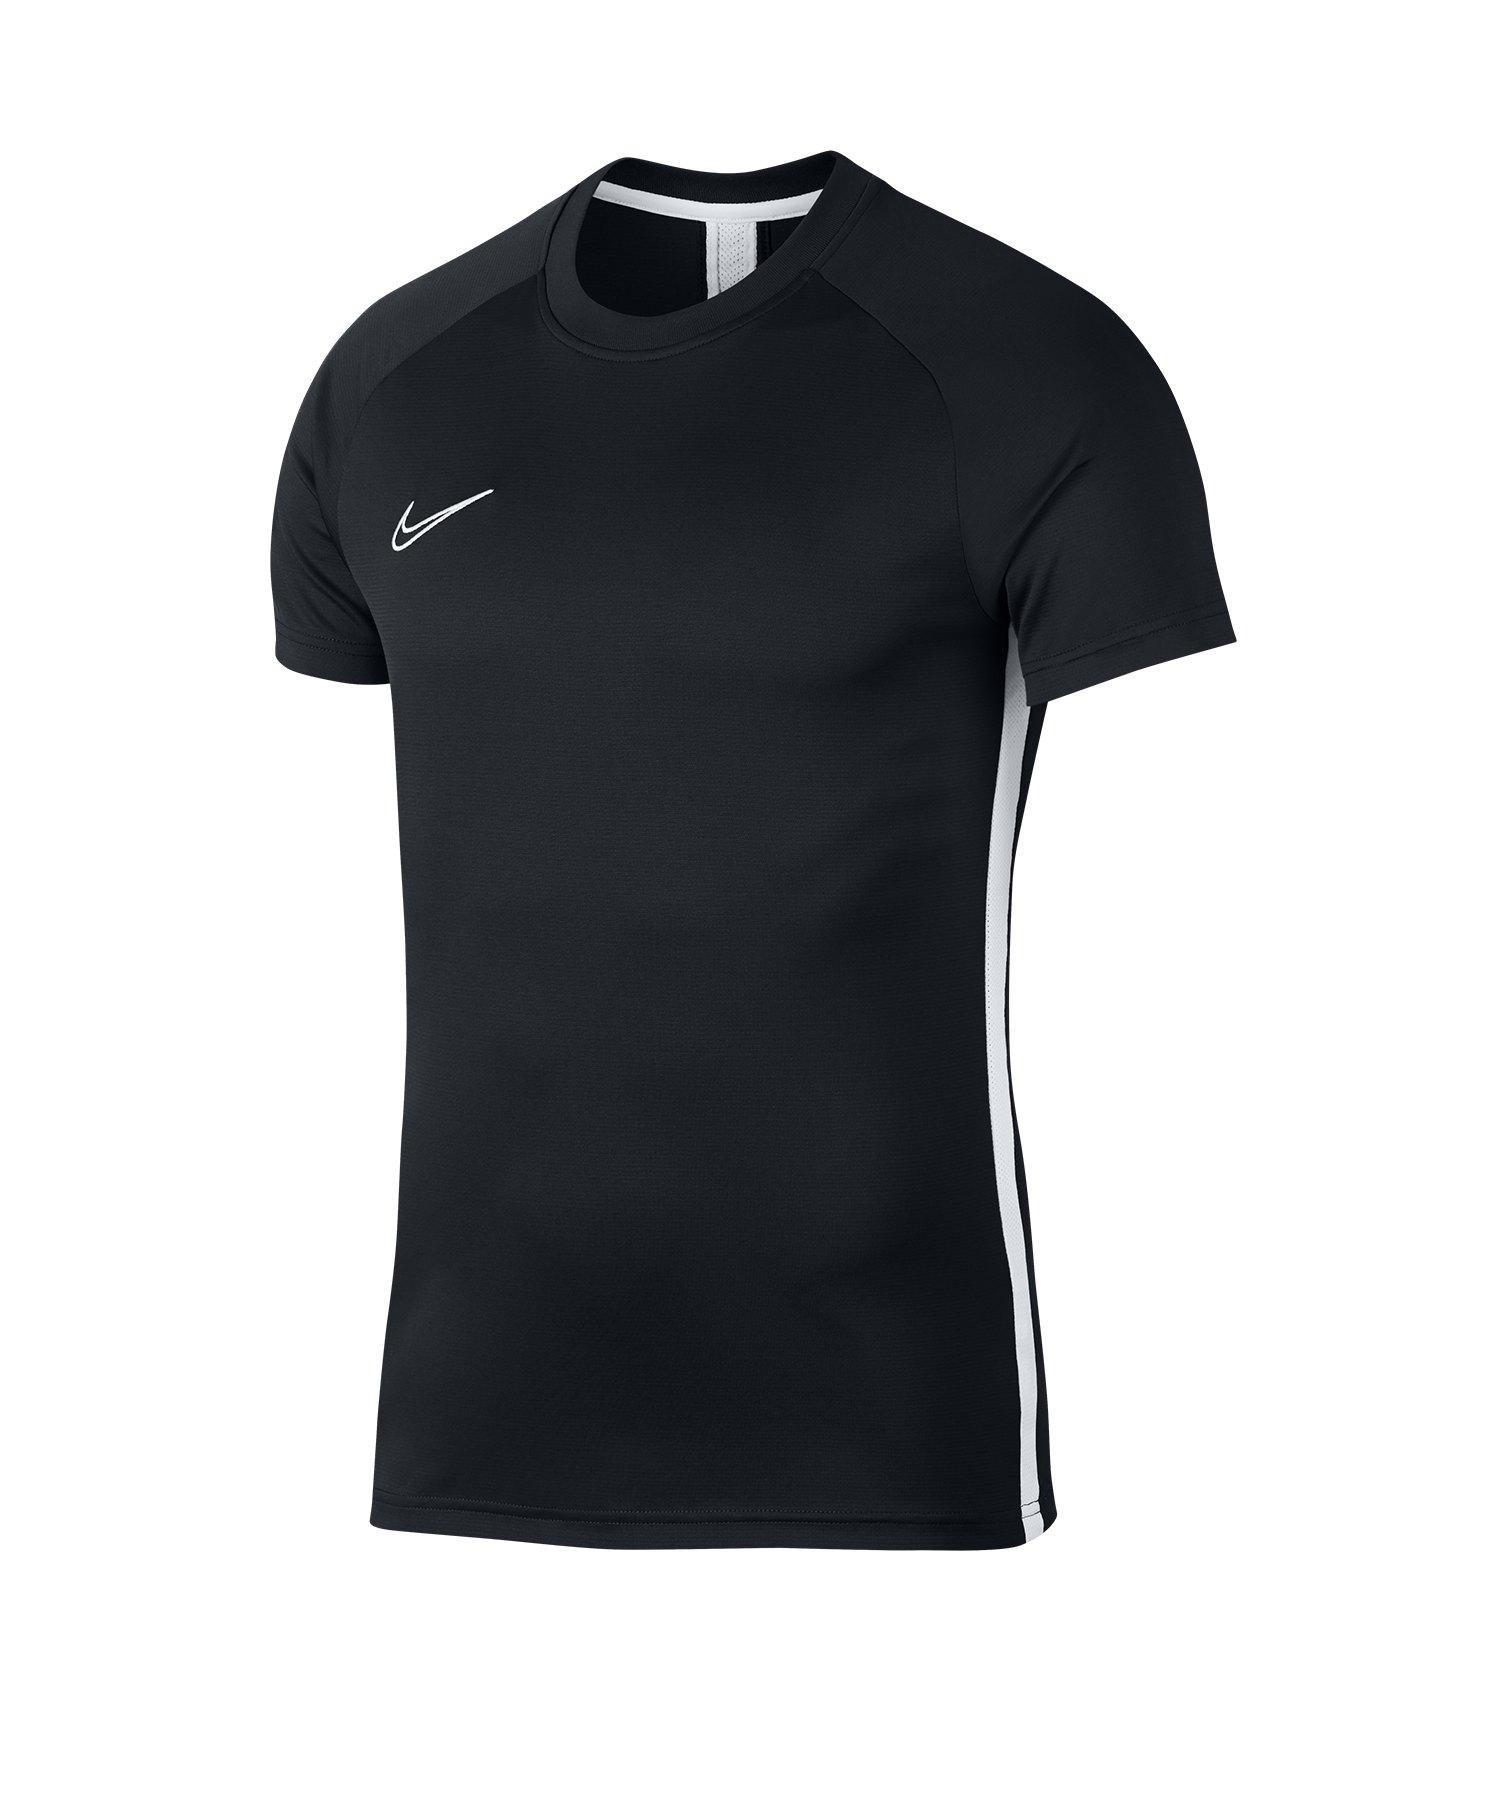 Nike Dry Academy T-Shirt Schwarz F010 - schwarz